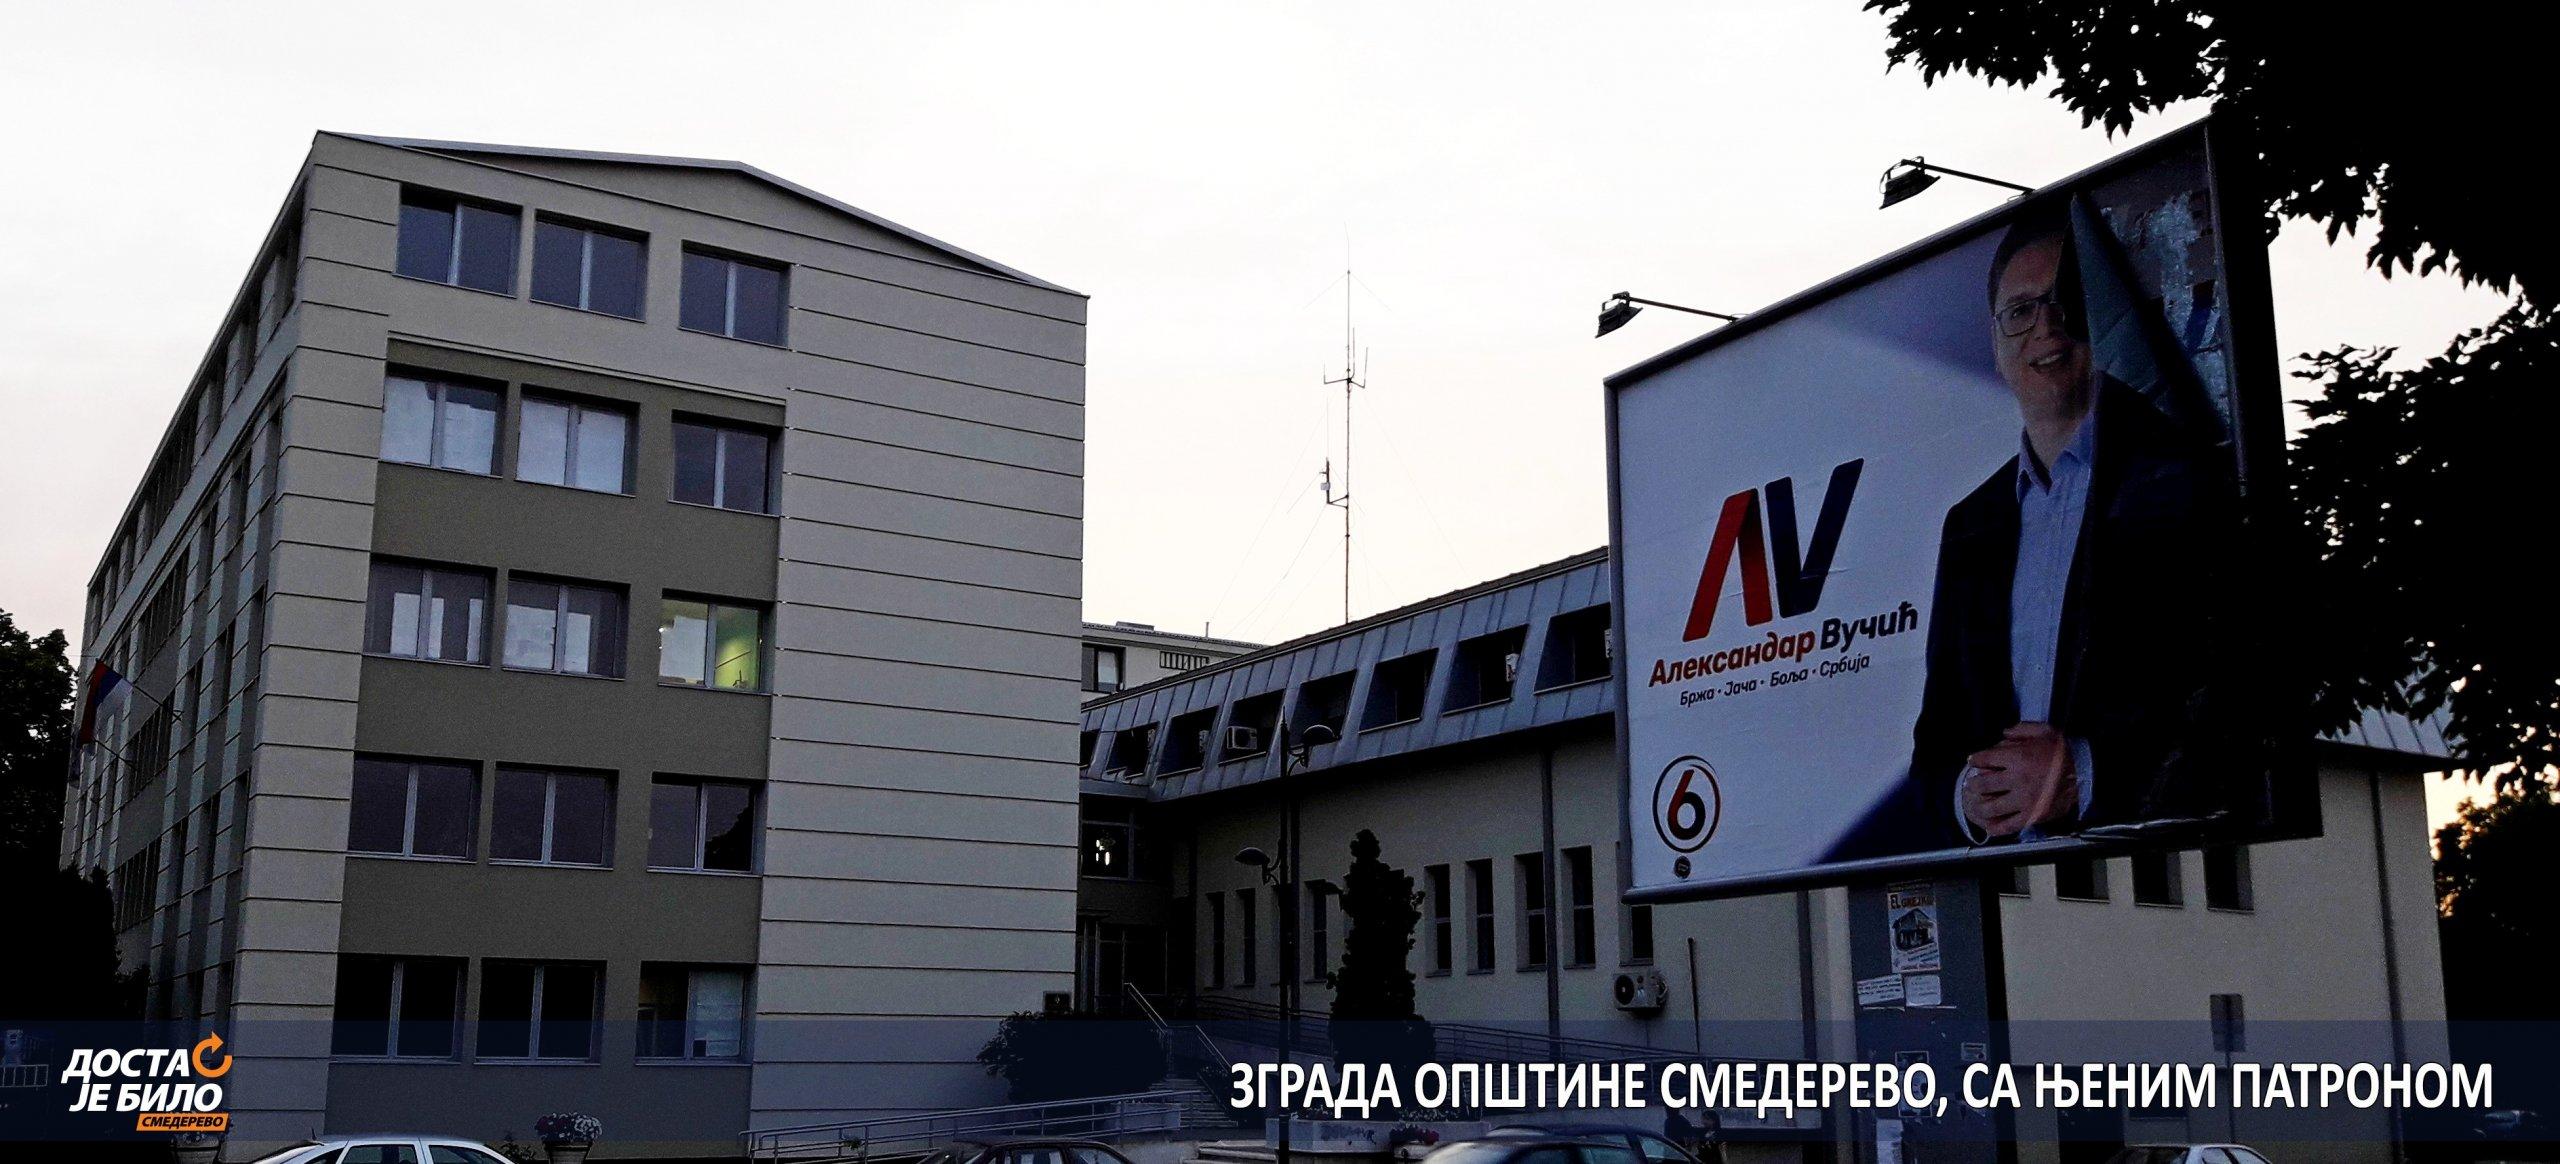 zgrada Opstine Smederevo